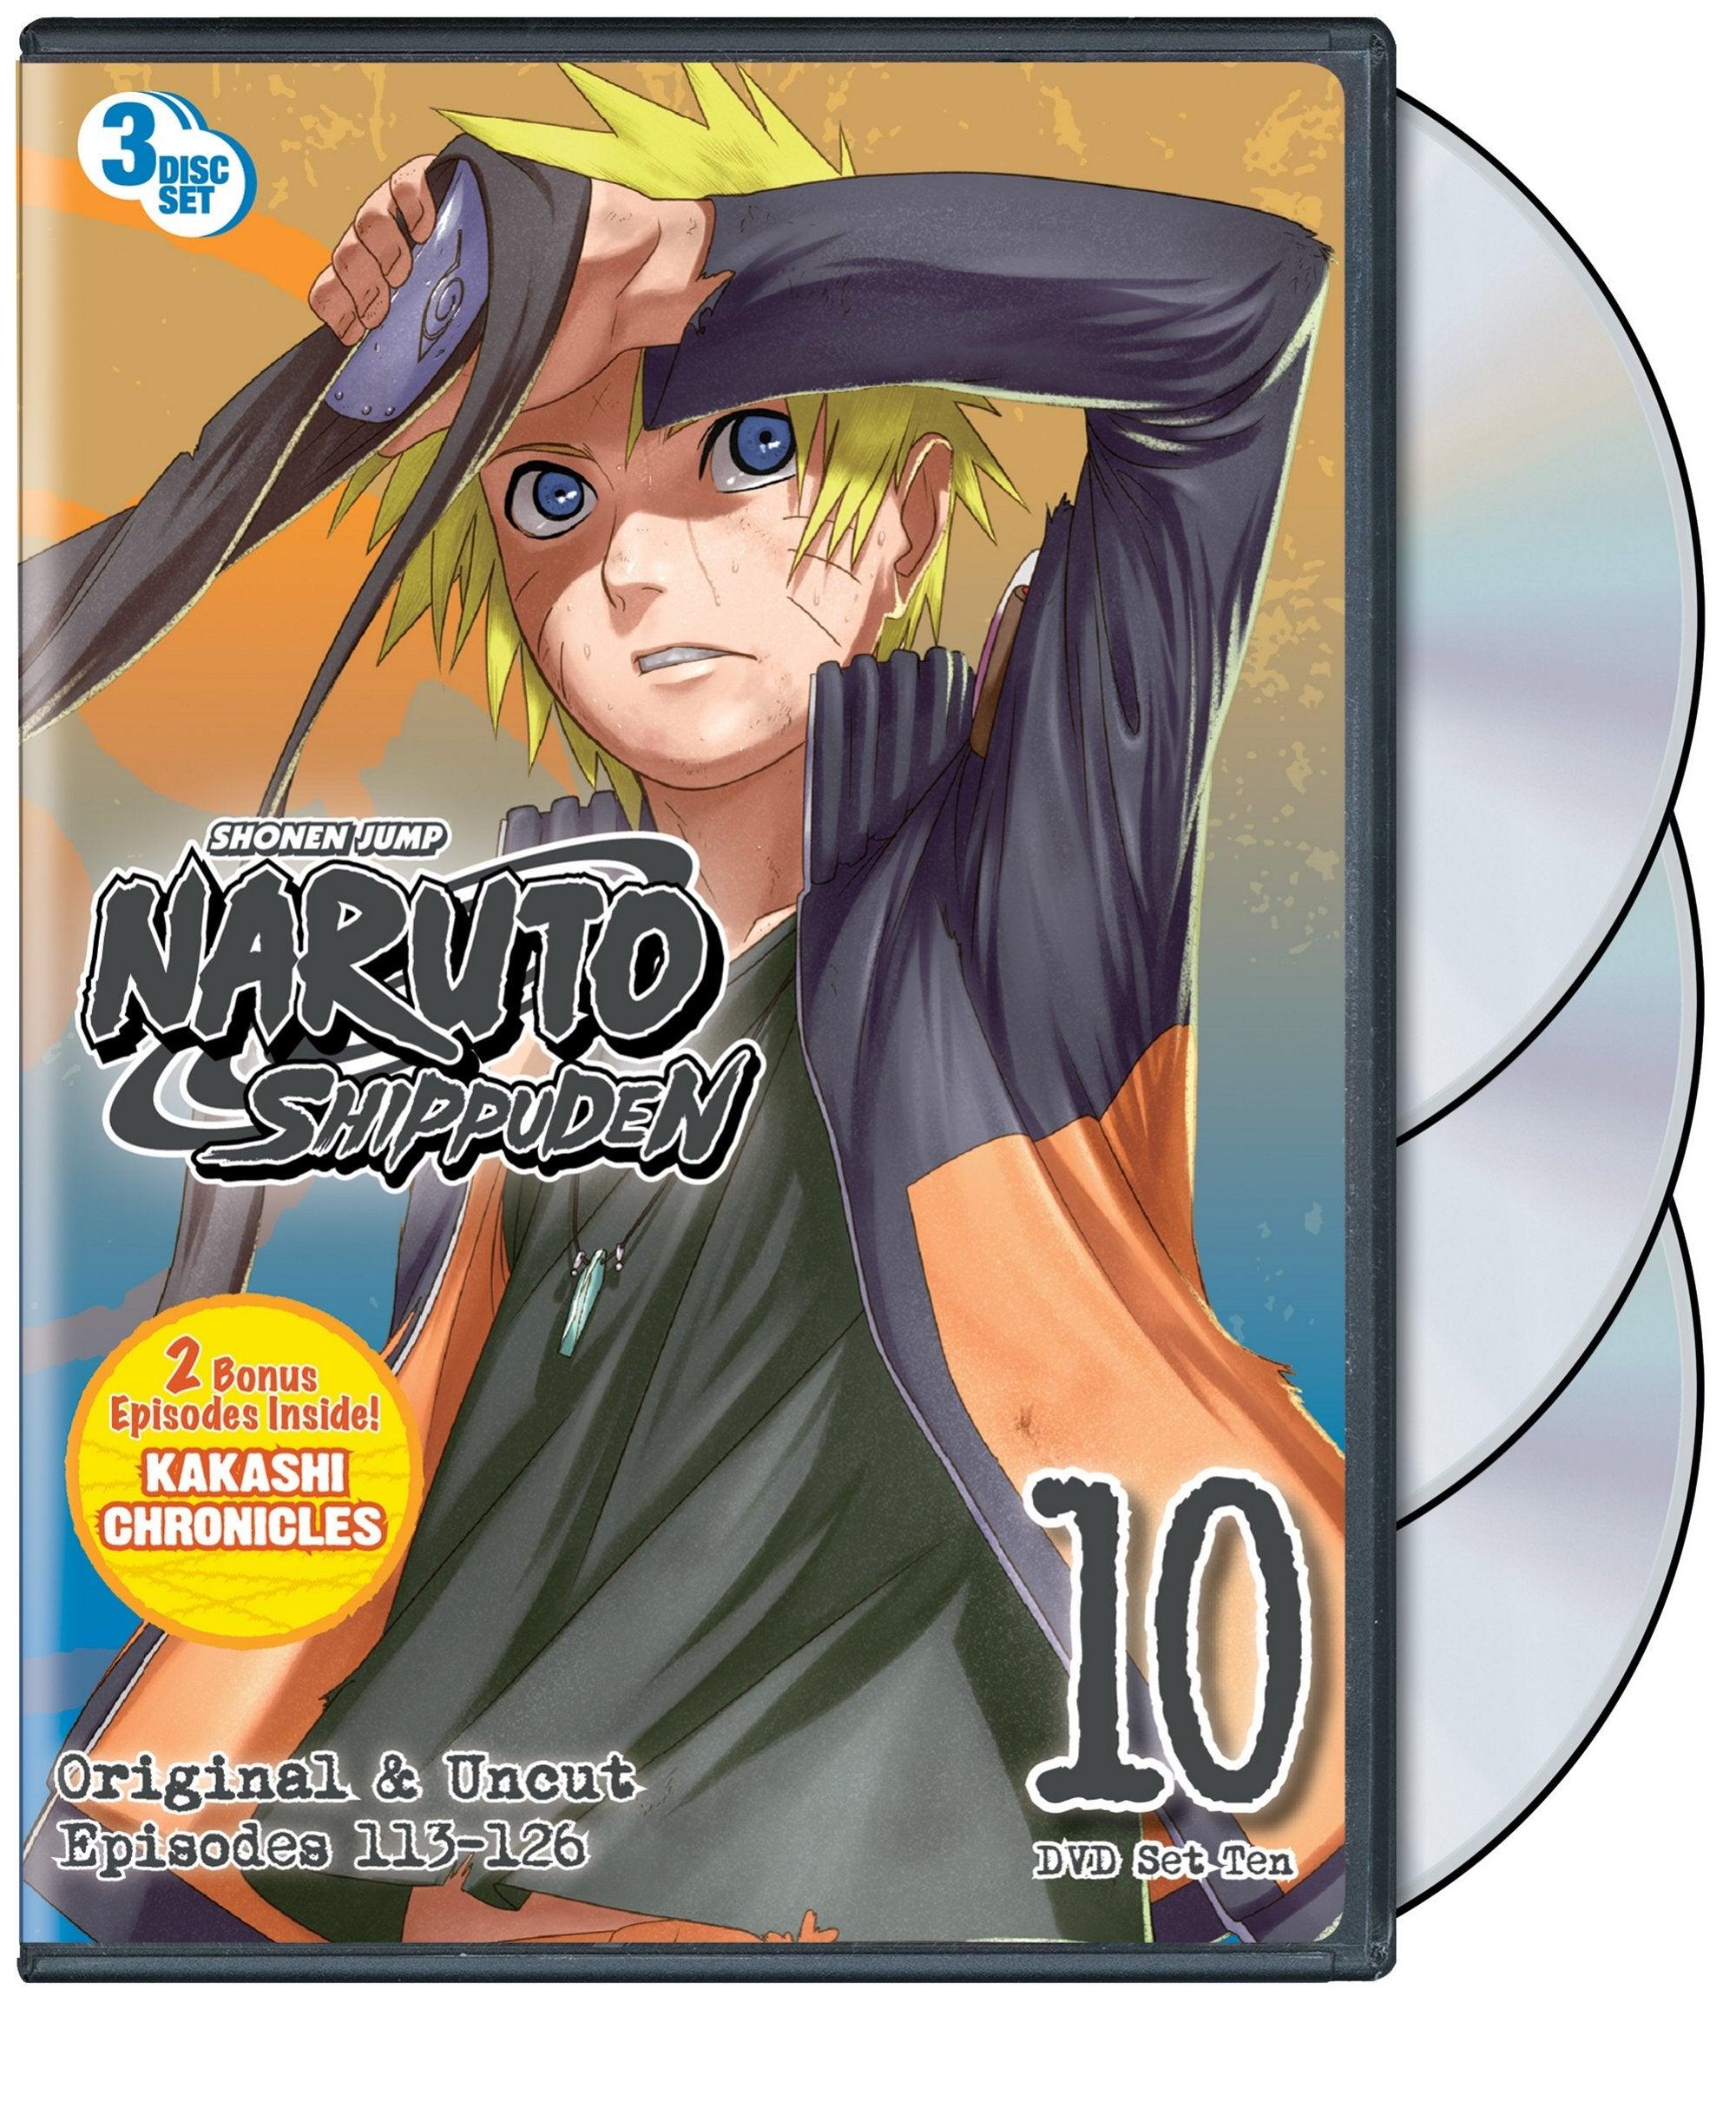 Naruto Shippuden Box Set 10 (DVD)